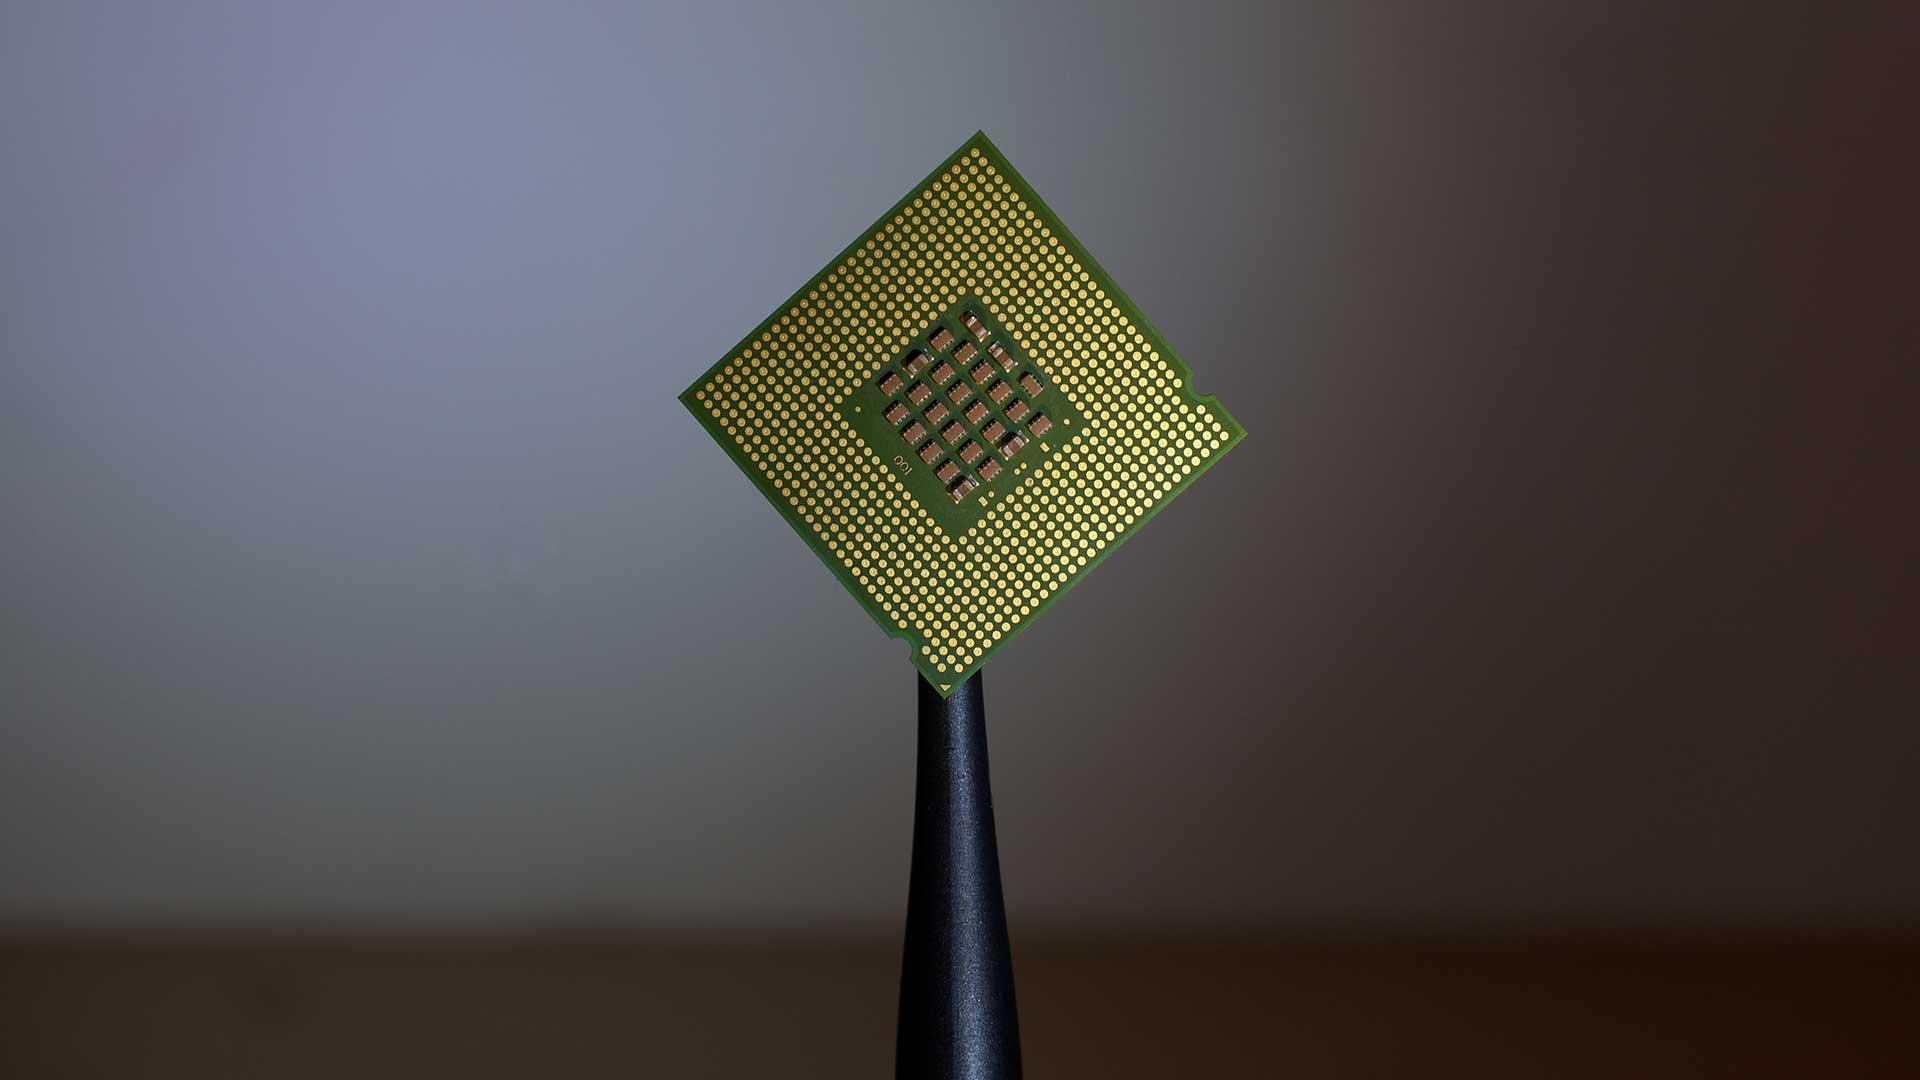 La-voce-disegnerà-gli-uffici-del-futuro-microchip